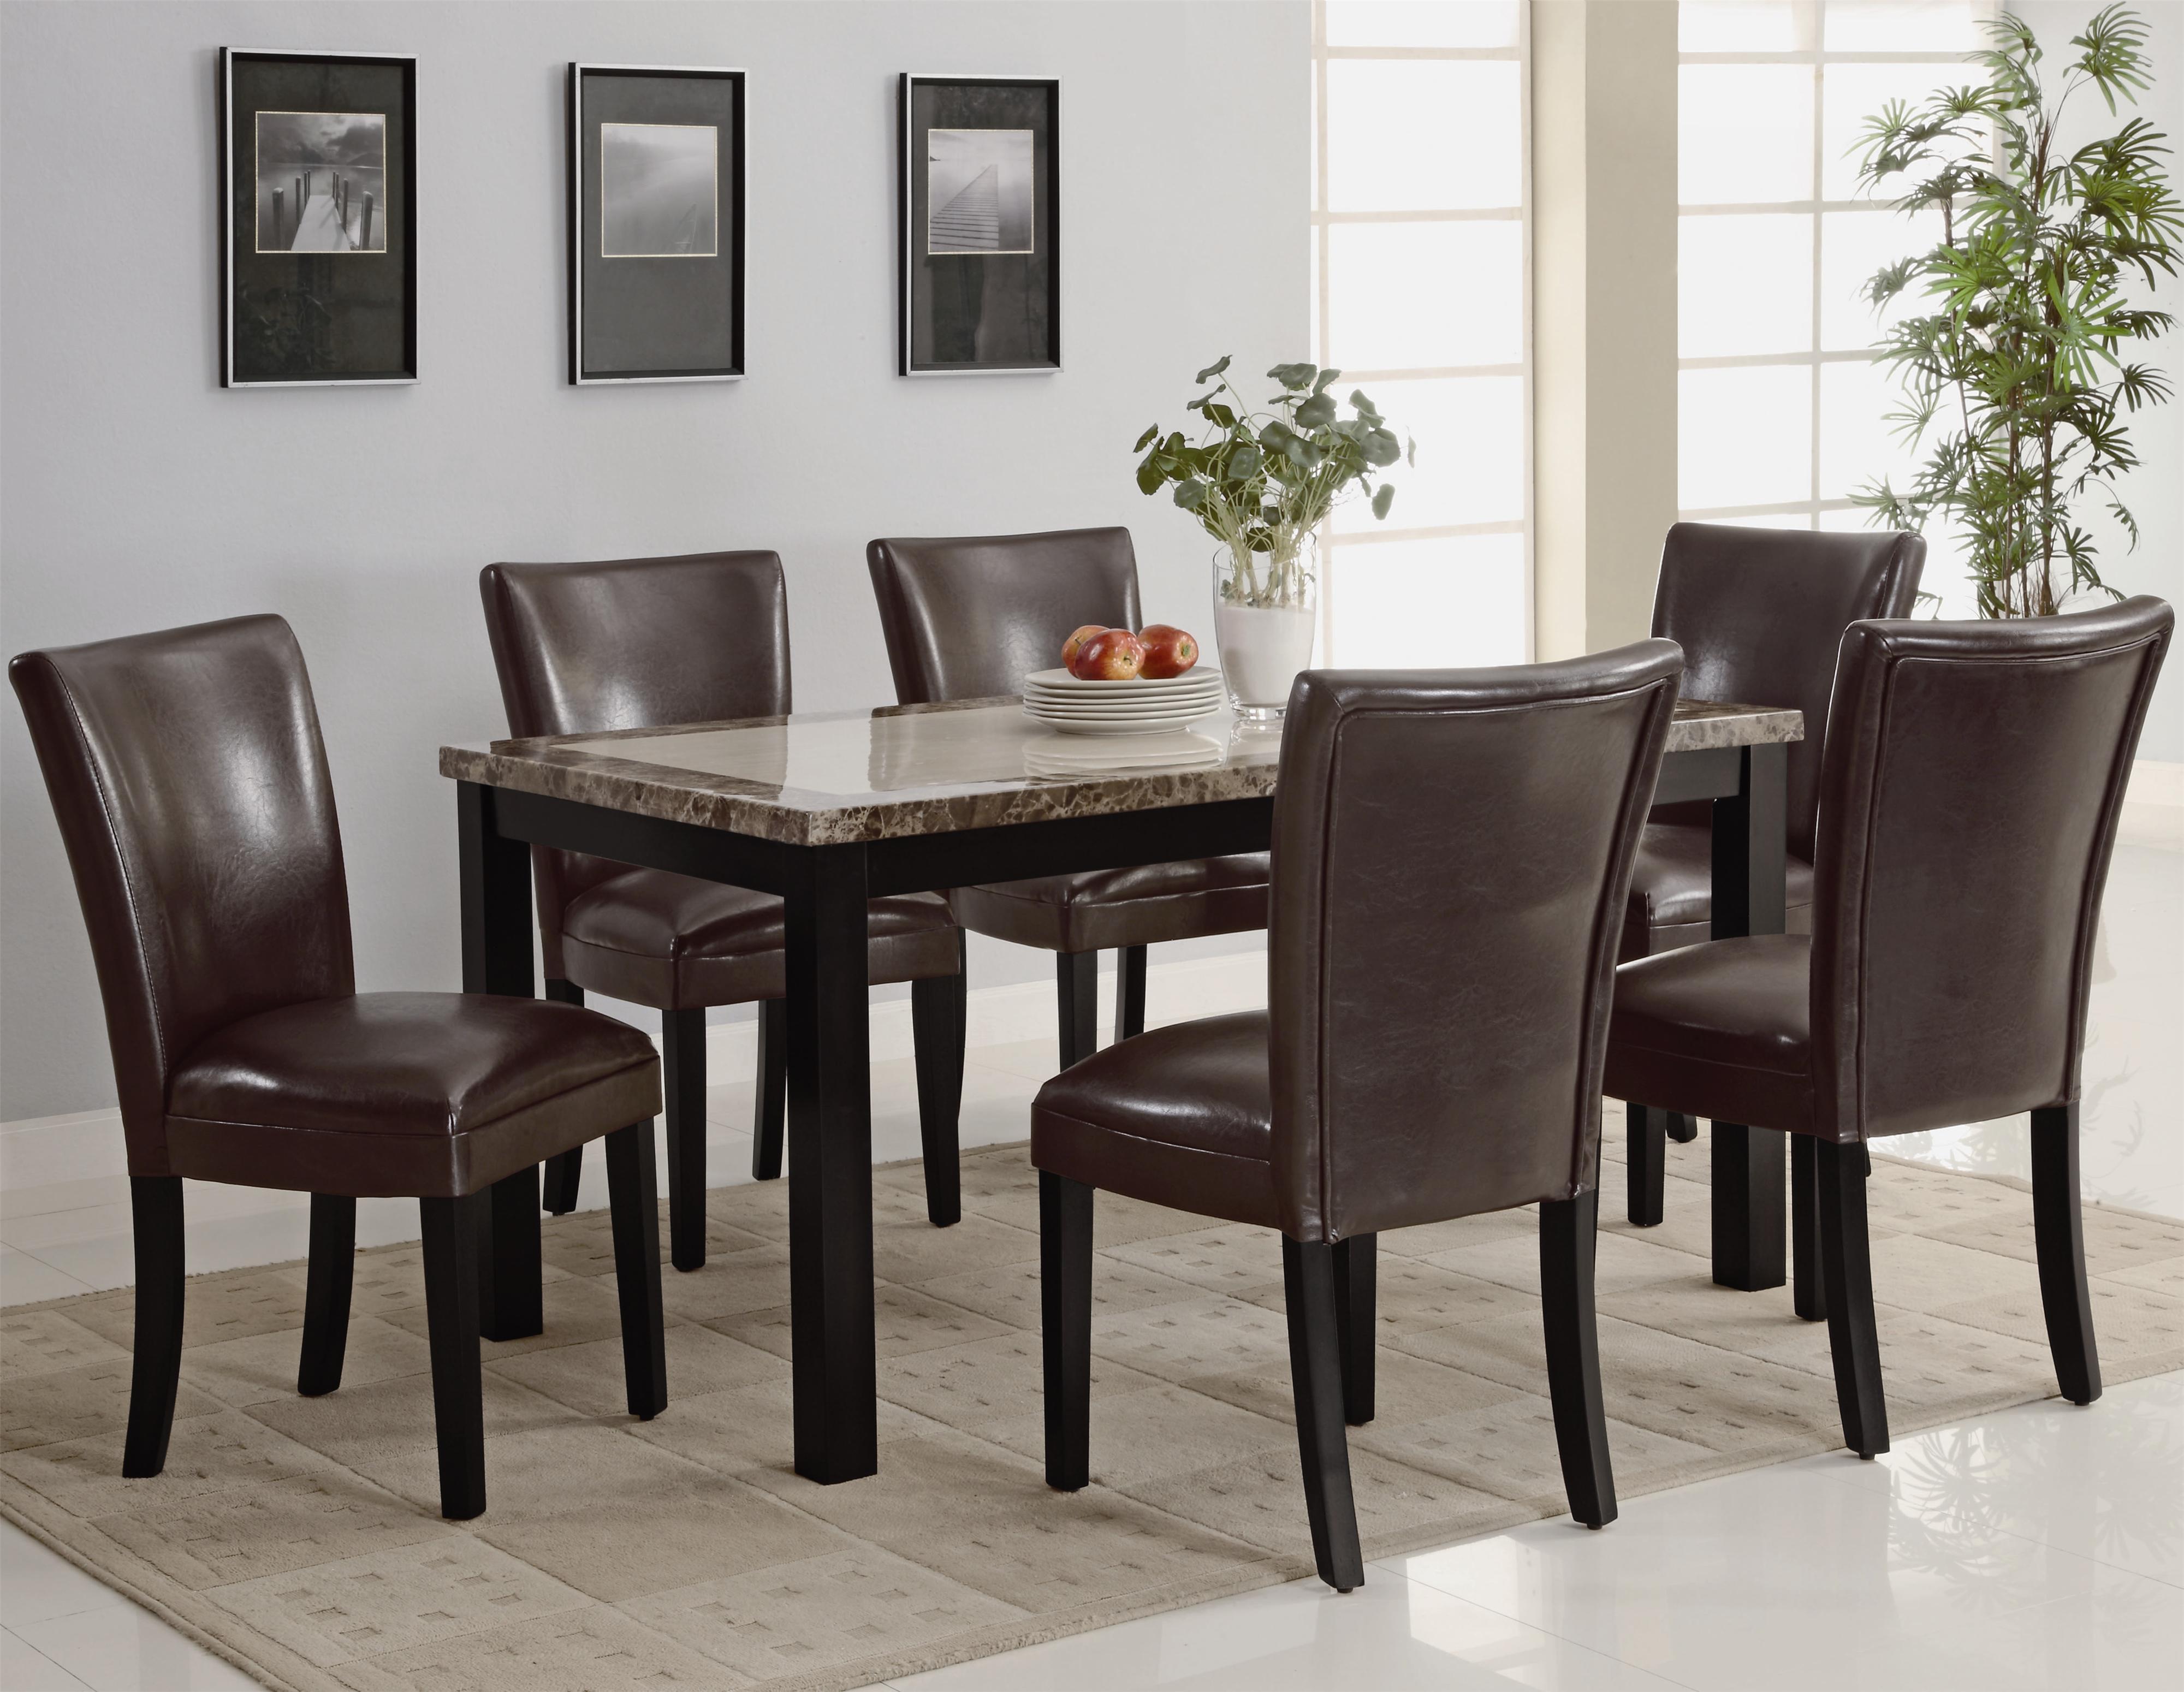 Coaster Carter 7 Piece Dining Table Set - Item Number: 102260+6x3